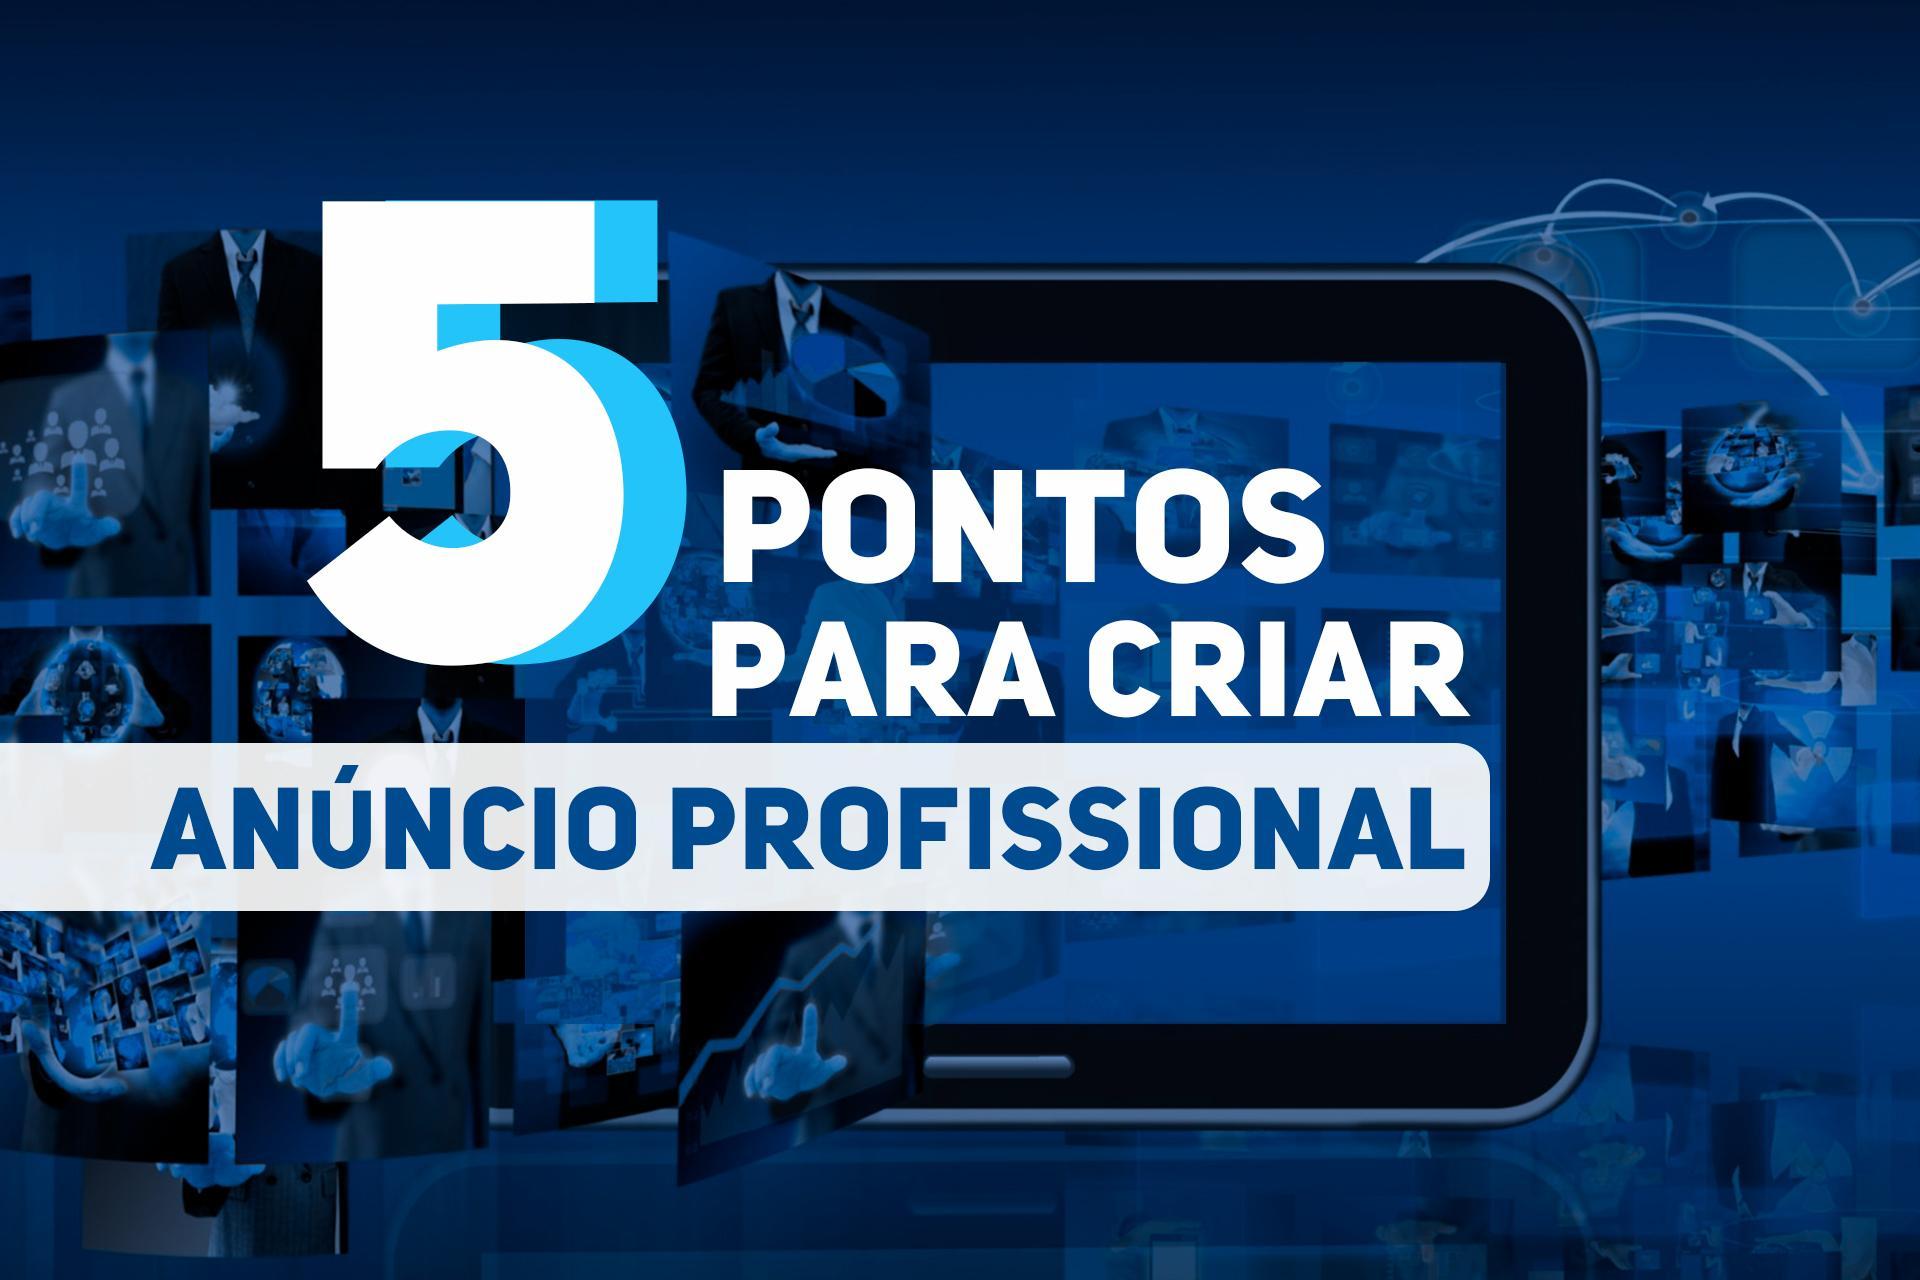 5 Passos para Criar Anúncio Profissional